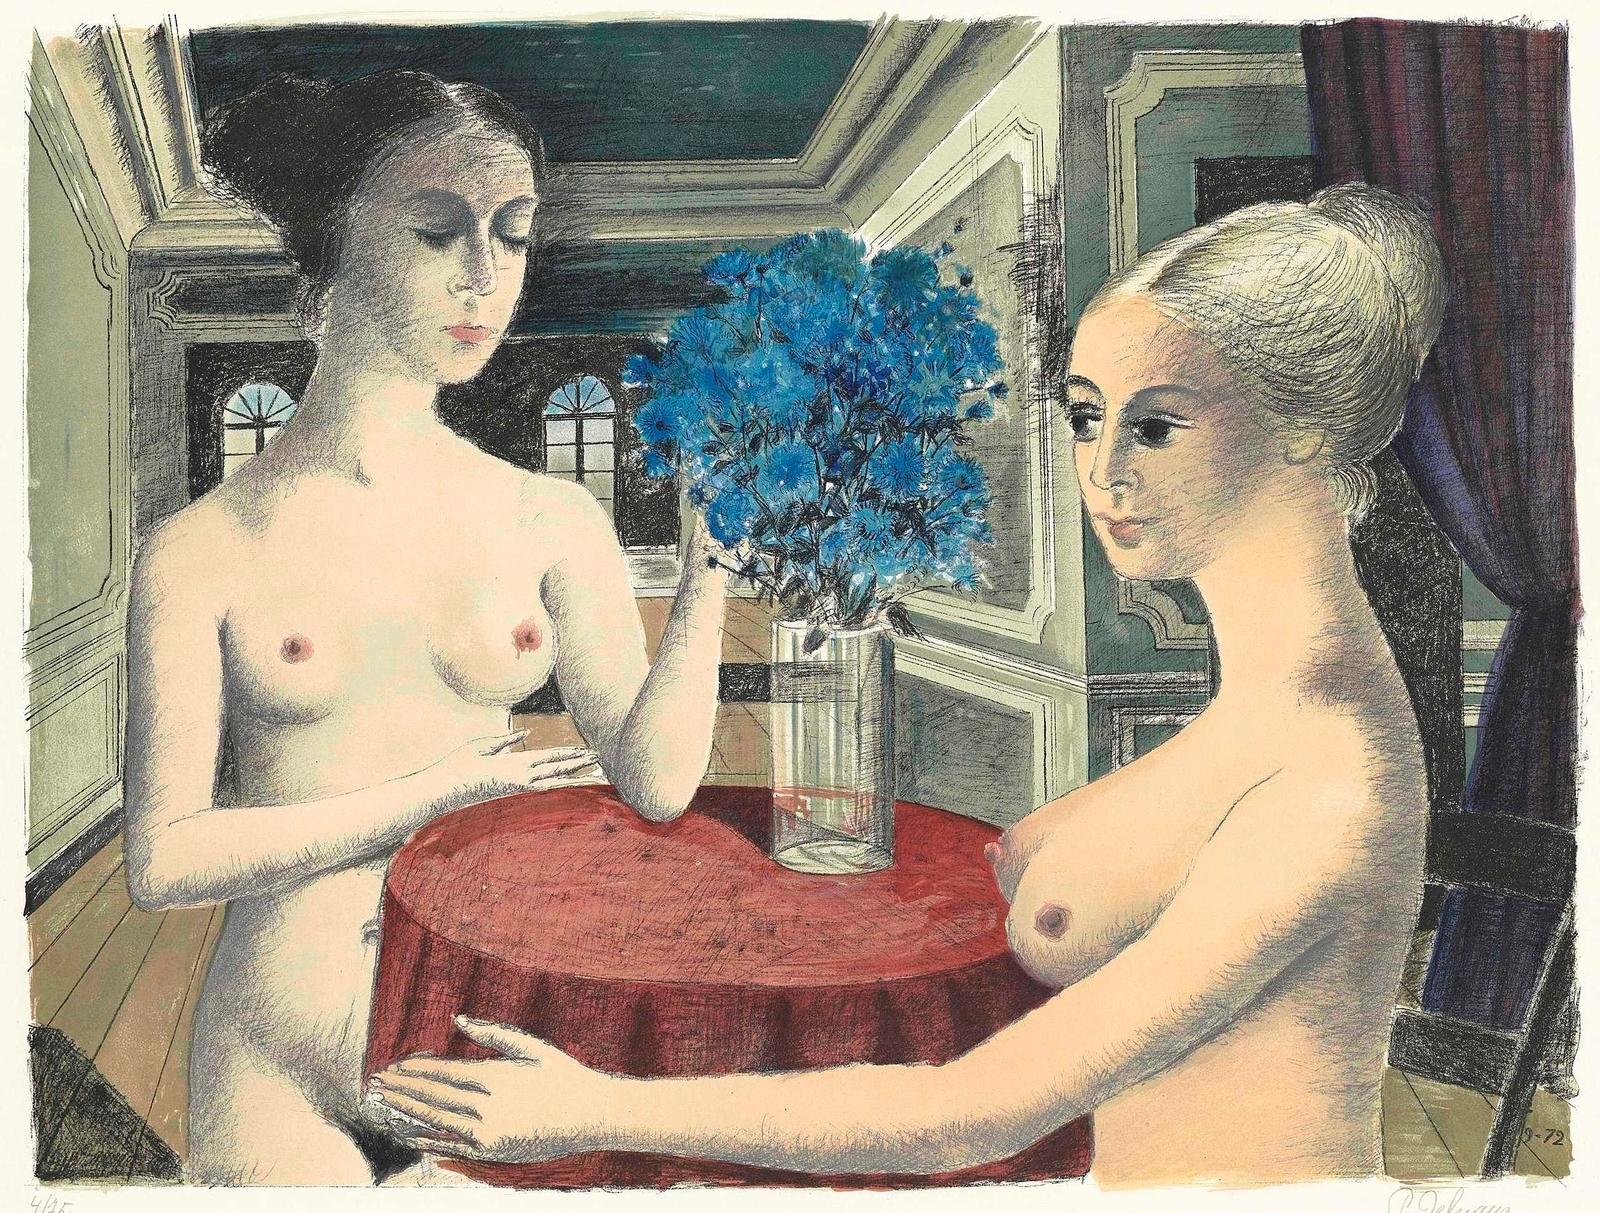 Поль Дельво. 1972. Молчание (Le Silence). 59 x 79.  Лист 68.3 x 97. Цветная литография.